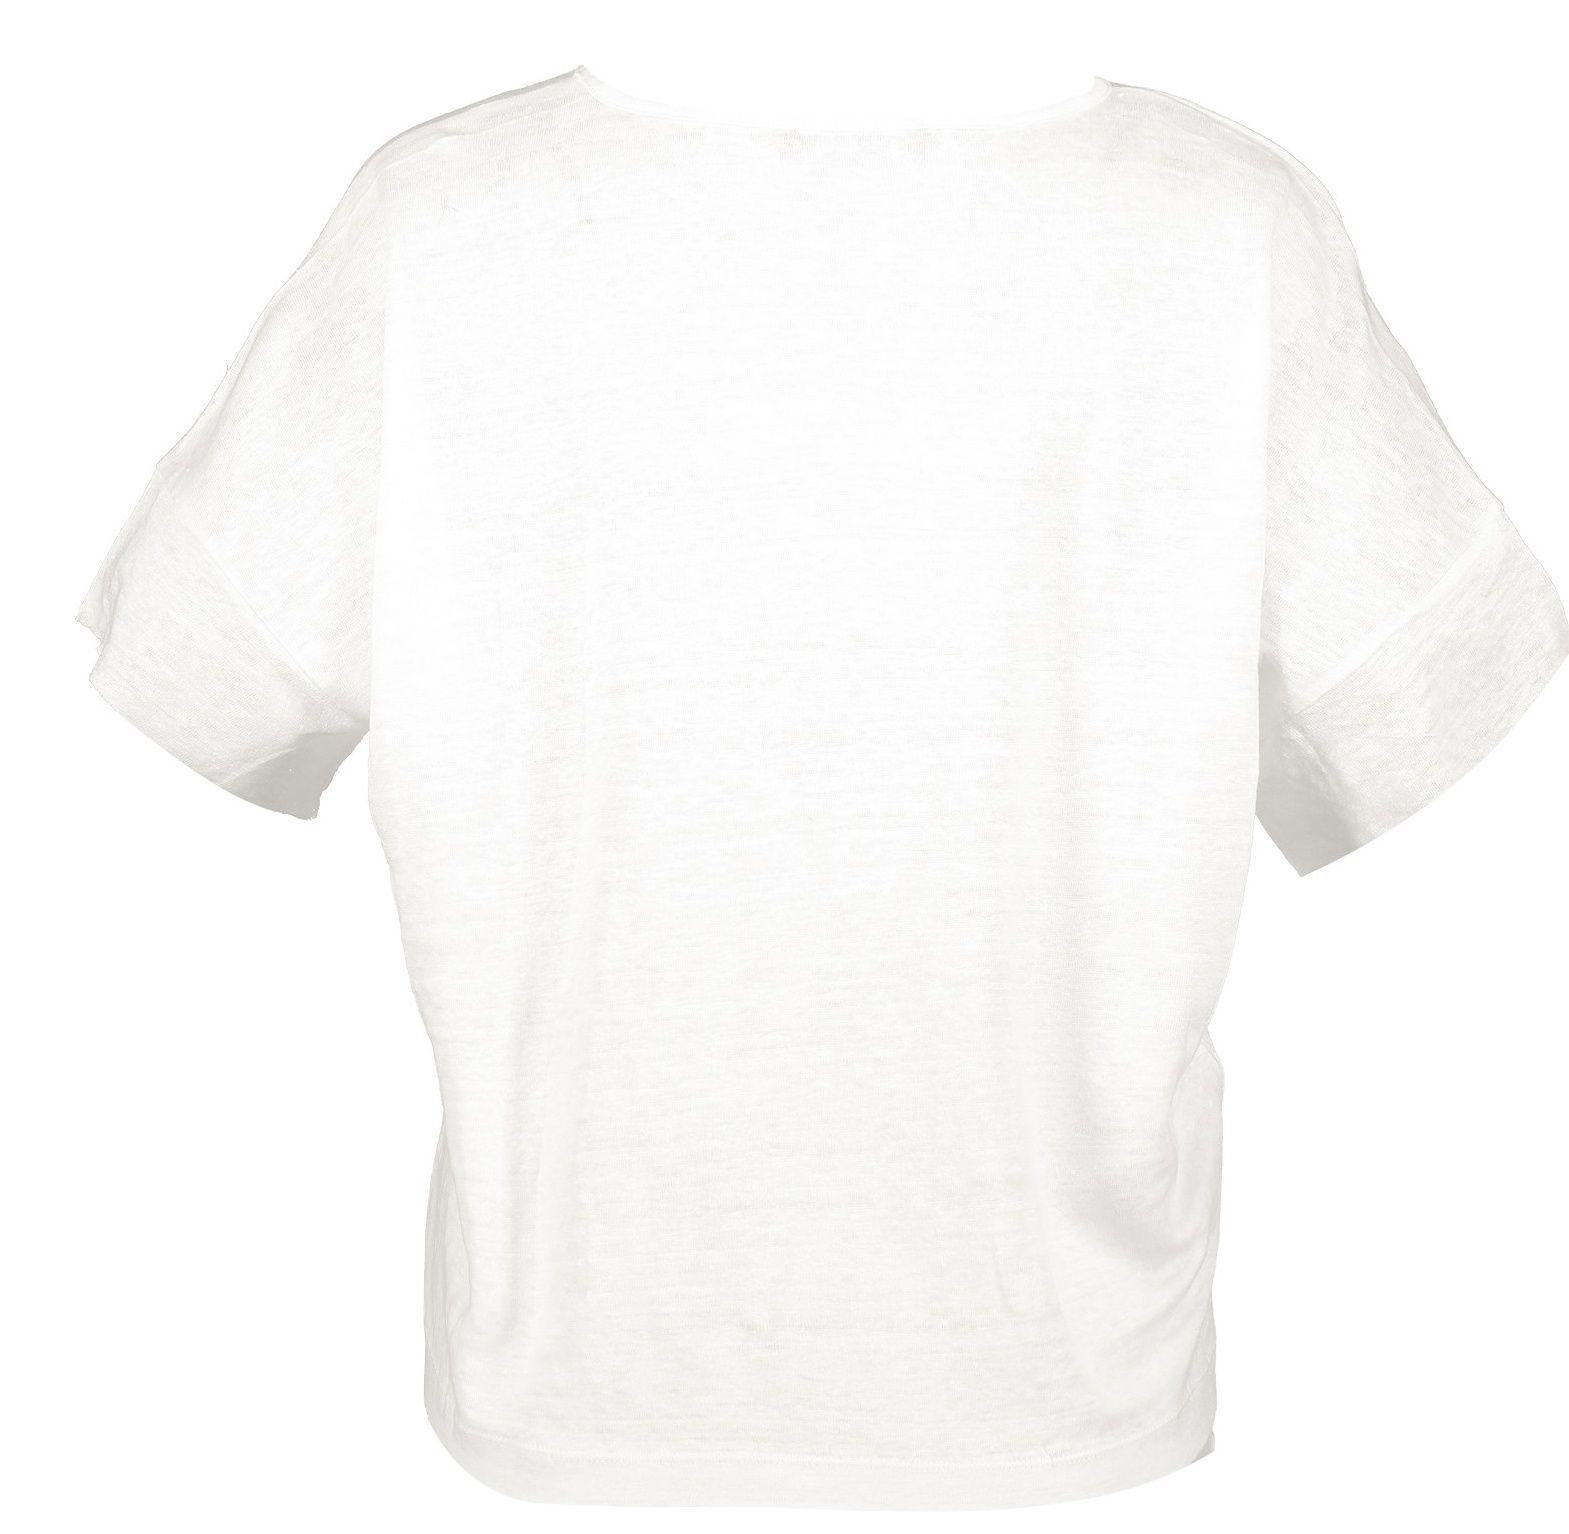 تی شرت یقه گرد زنانه - مانگو - سفيد - 2